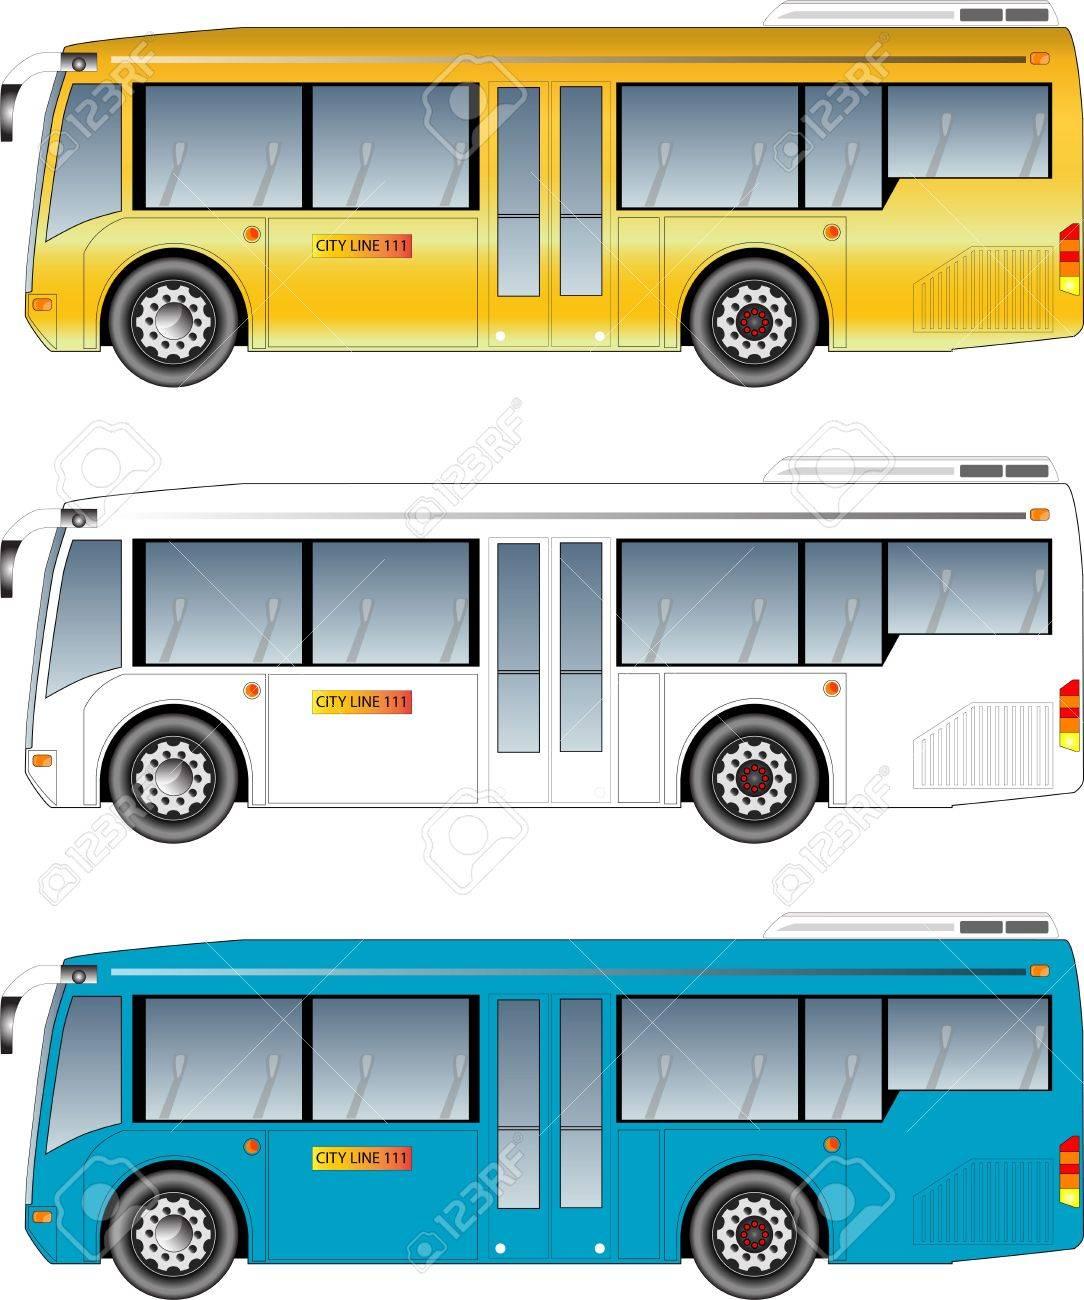 minibus graphic Stock Vector - 15776671